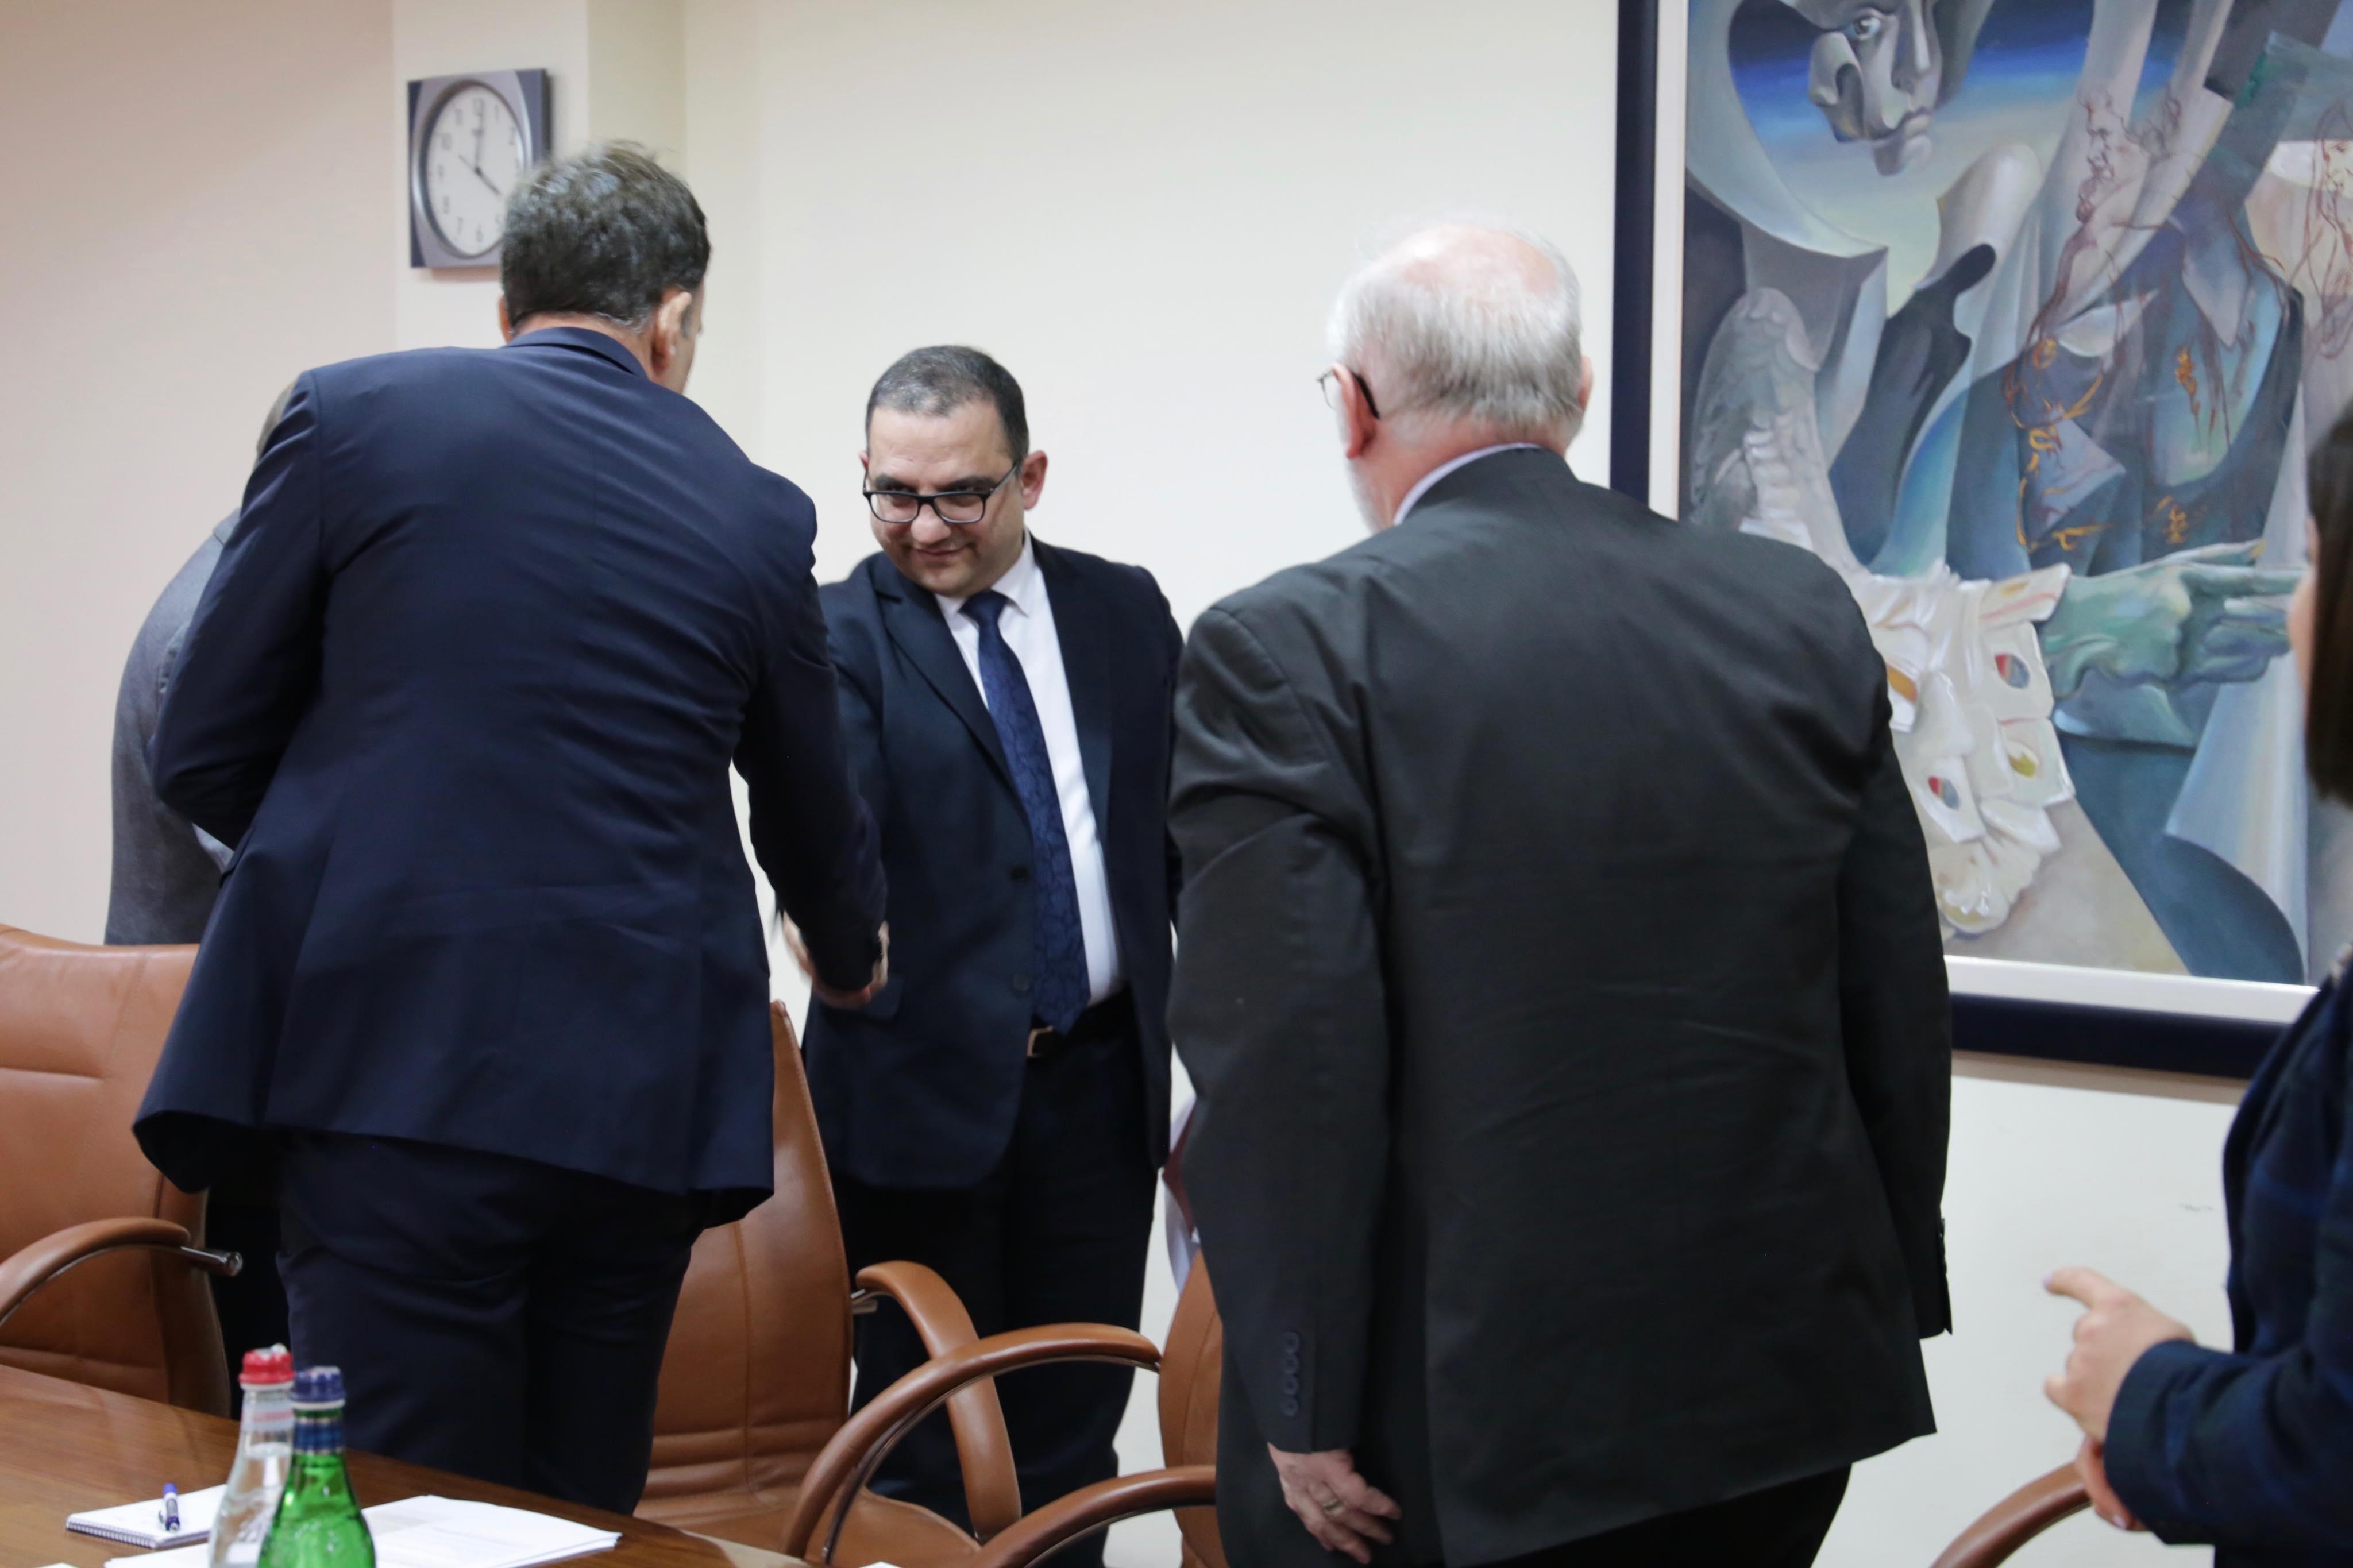 Համաշխարհային բանկի փորձագետները պատրաստակամ են աջակցելու Ներդրումների աջակցման կենտրոնի կայացմանը